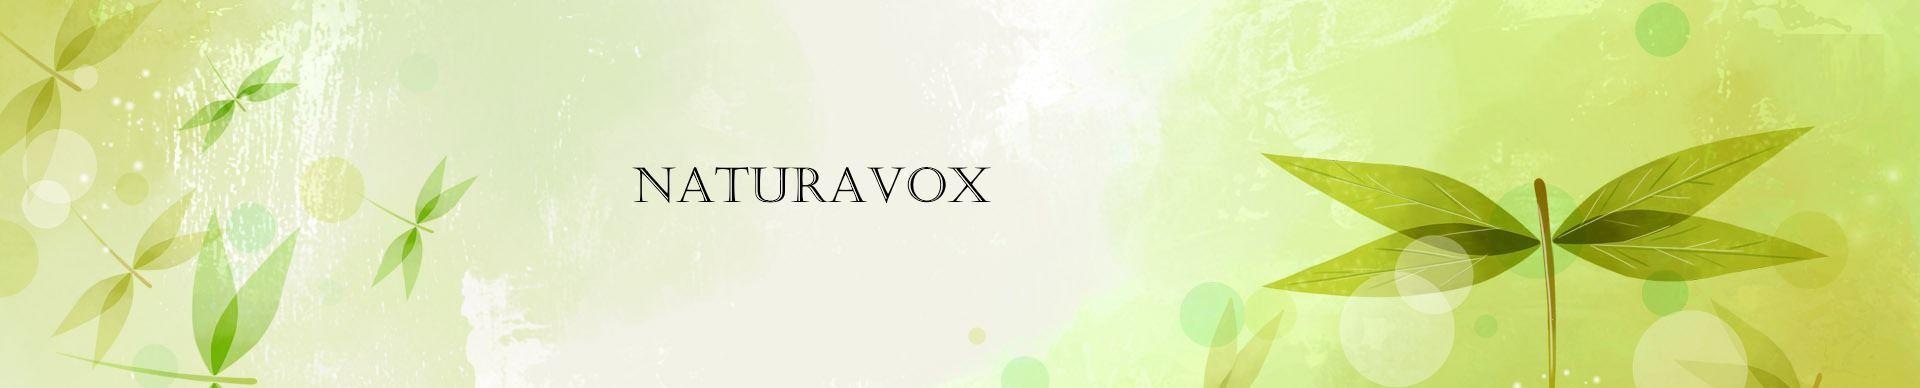 Naturavox